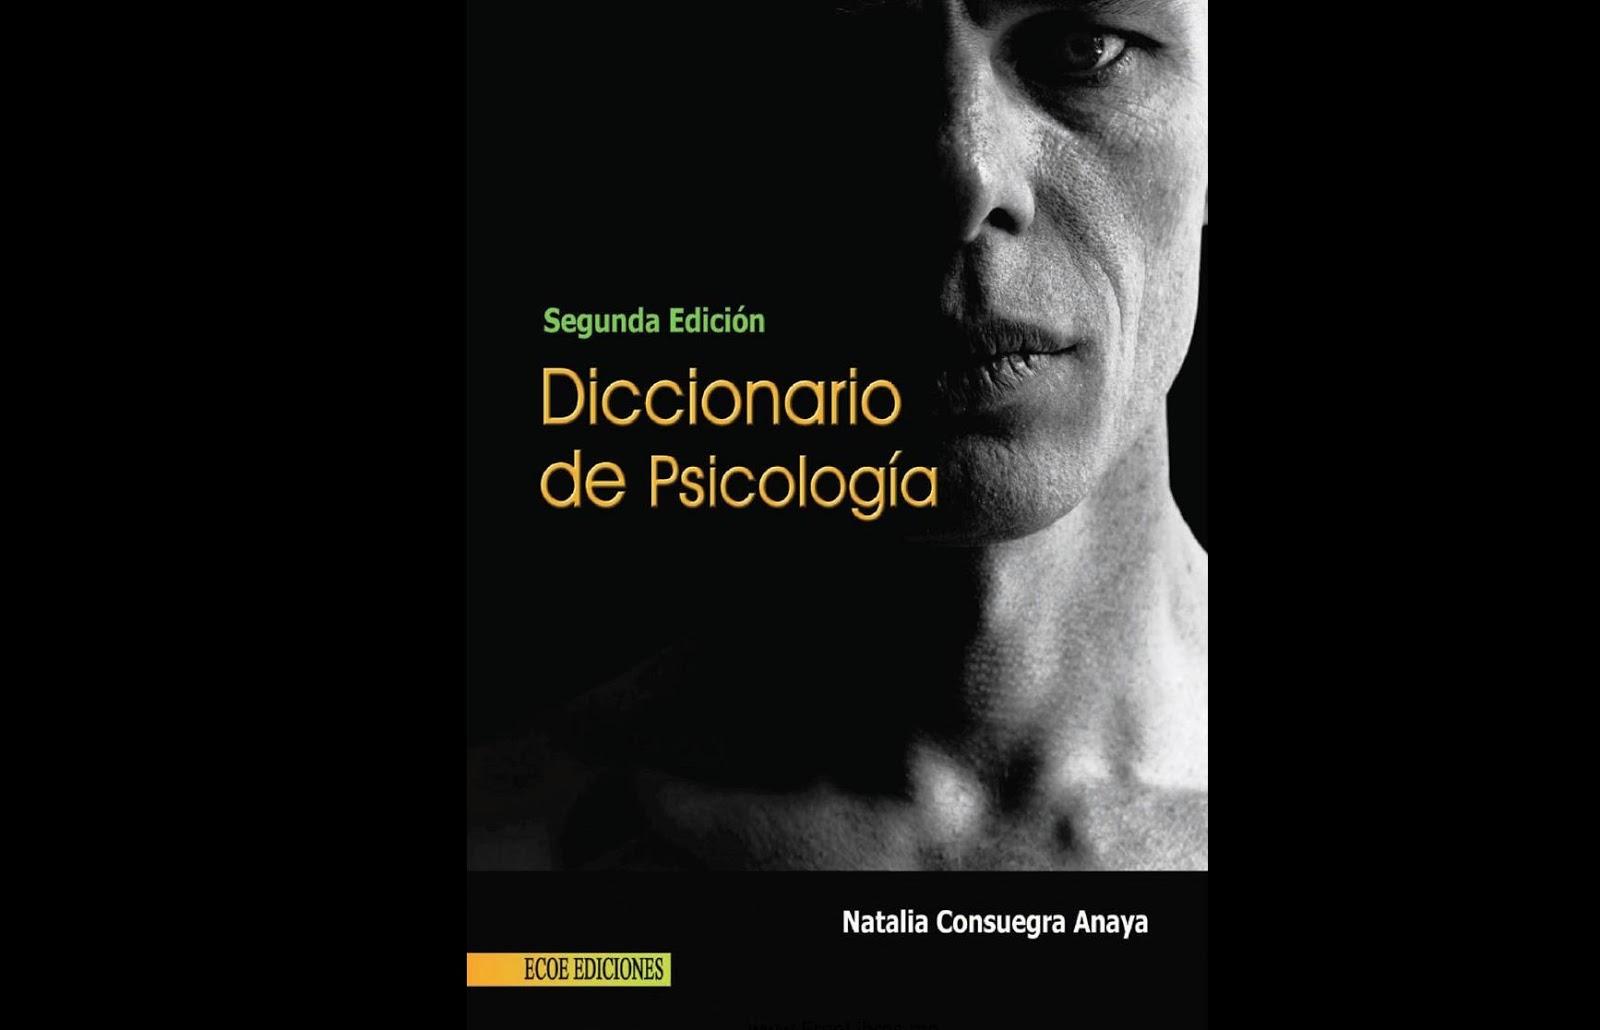 Diccionario de psicología. Natalia Consuegra Anaya. PDF